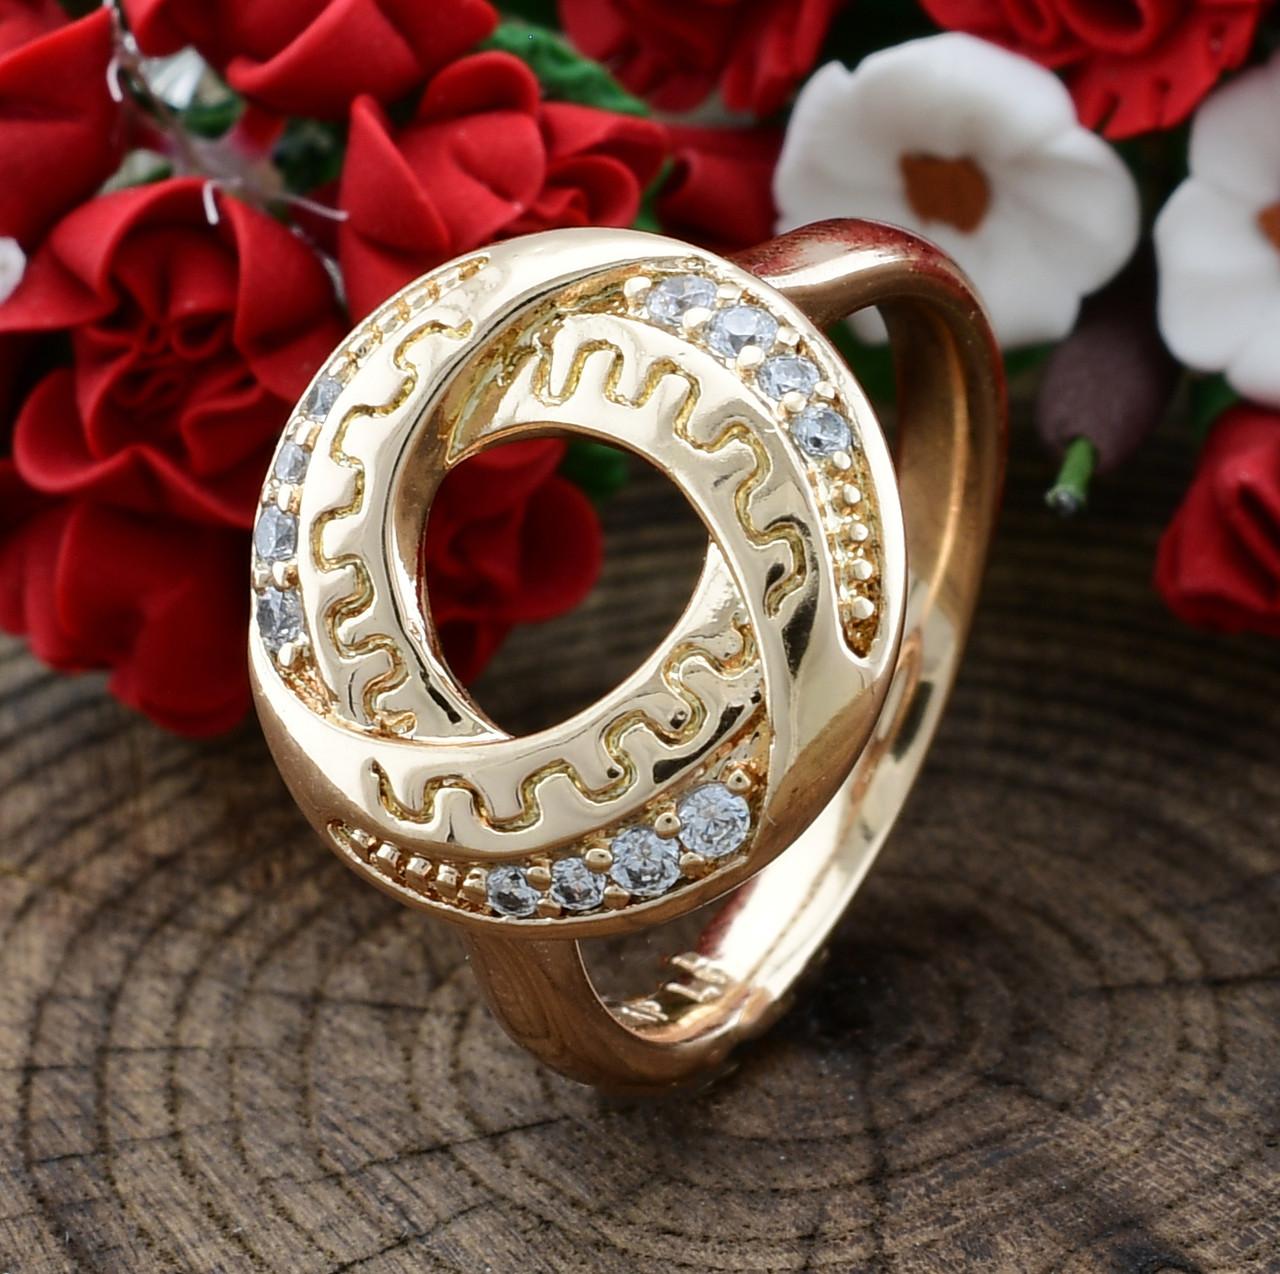 Кольцо Xuping 15229 размер 18 ширина 14 мм вес 3.6 г белые фианиты позолота 18К